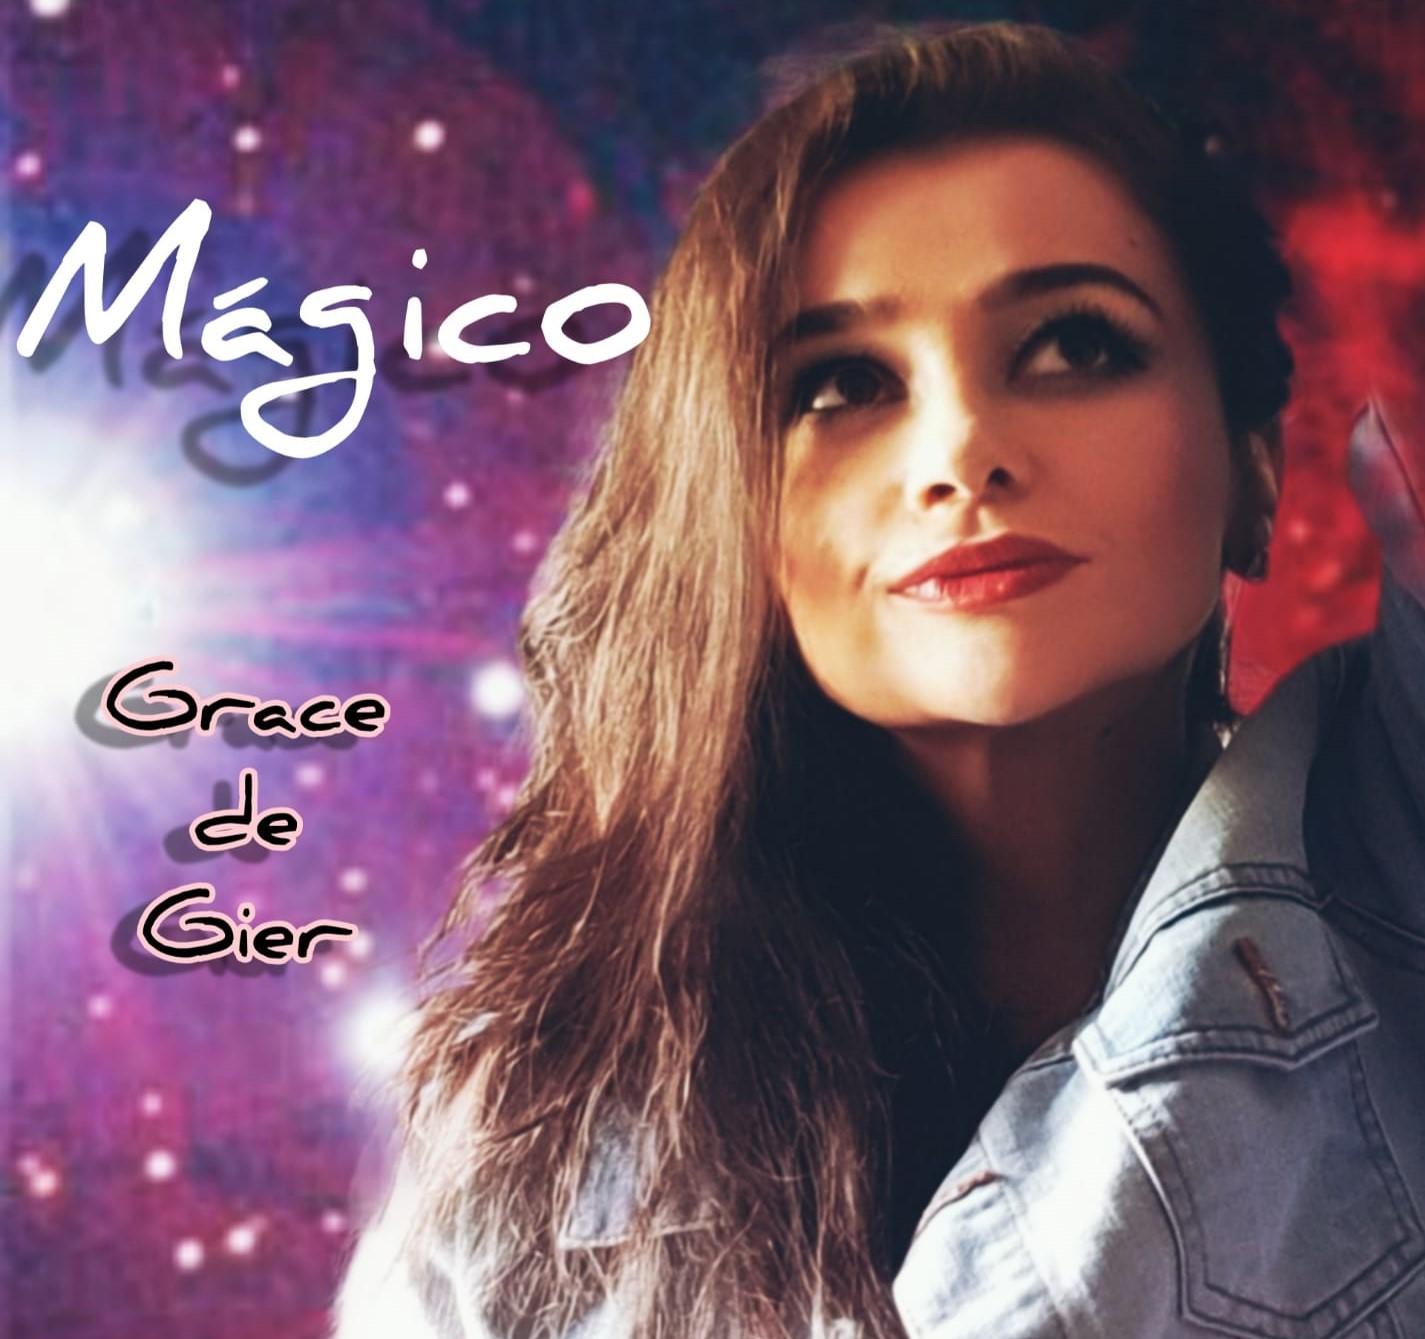 Grace de Gier presenta «Mágico» sencillo que da nombre a su álbum debut